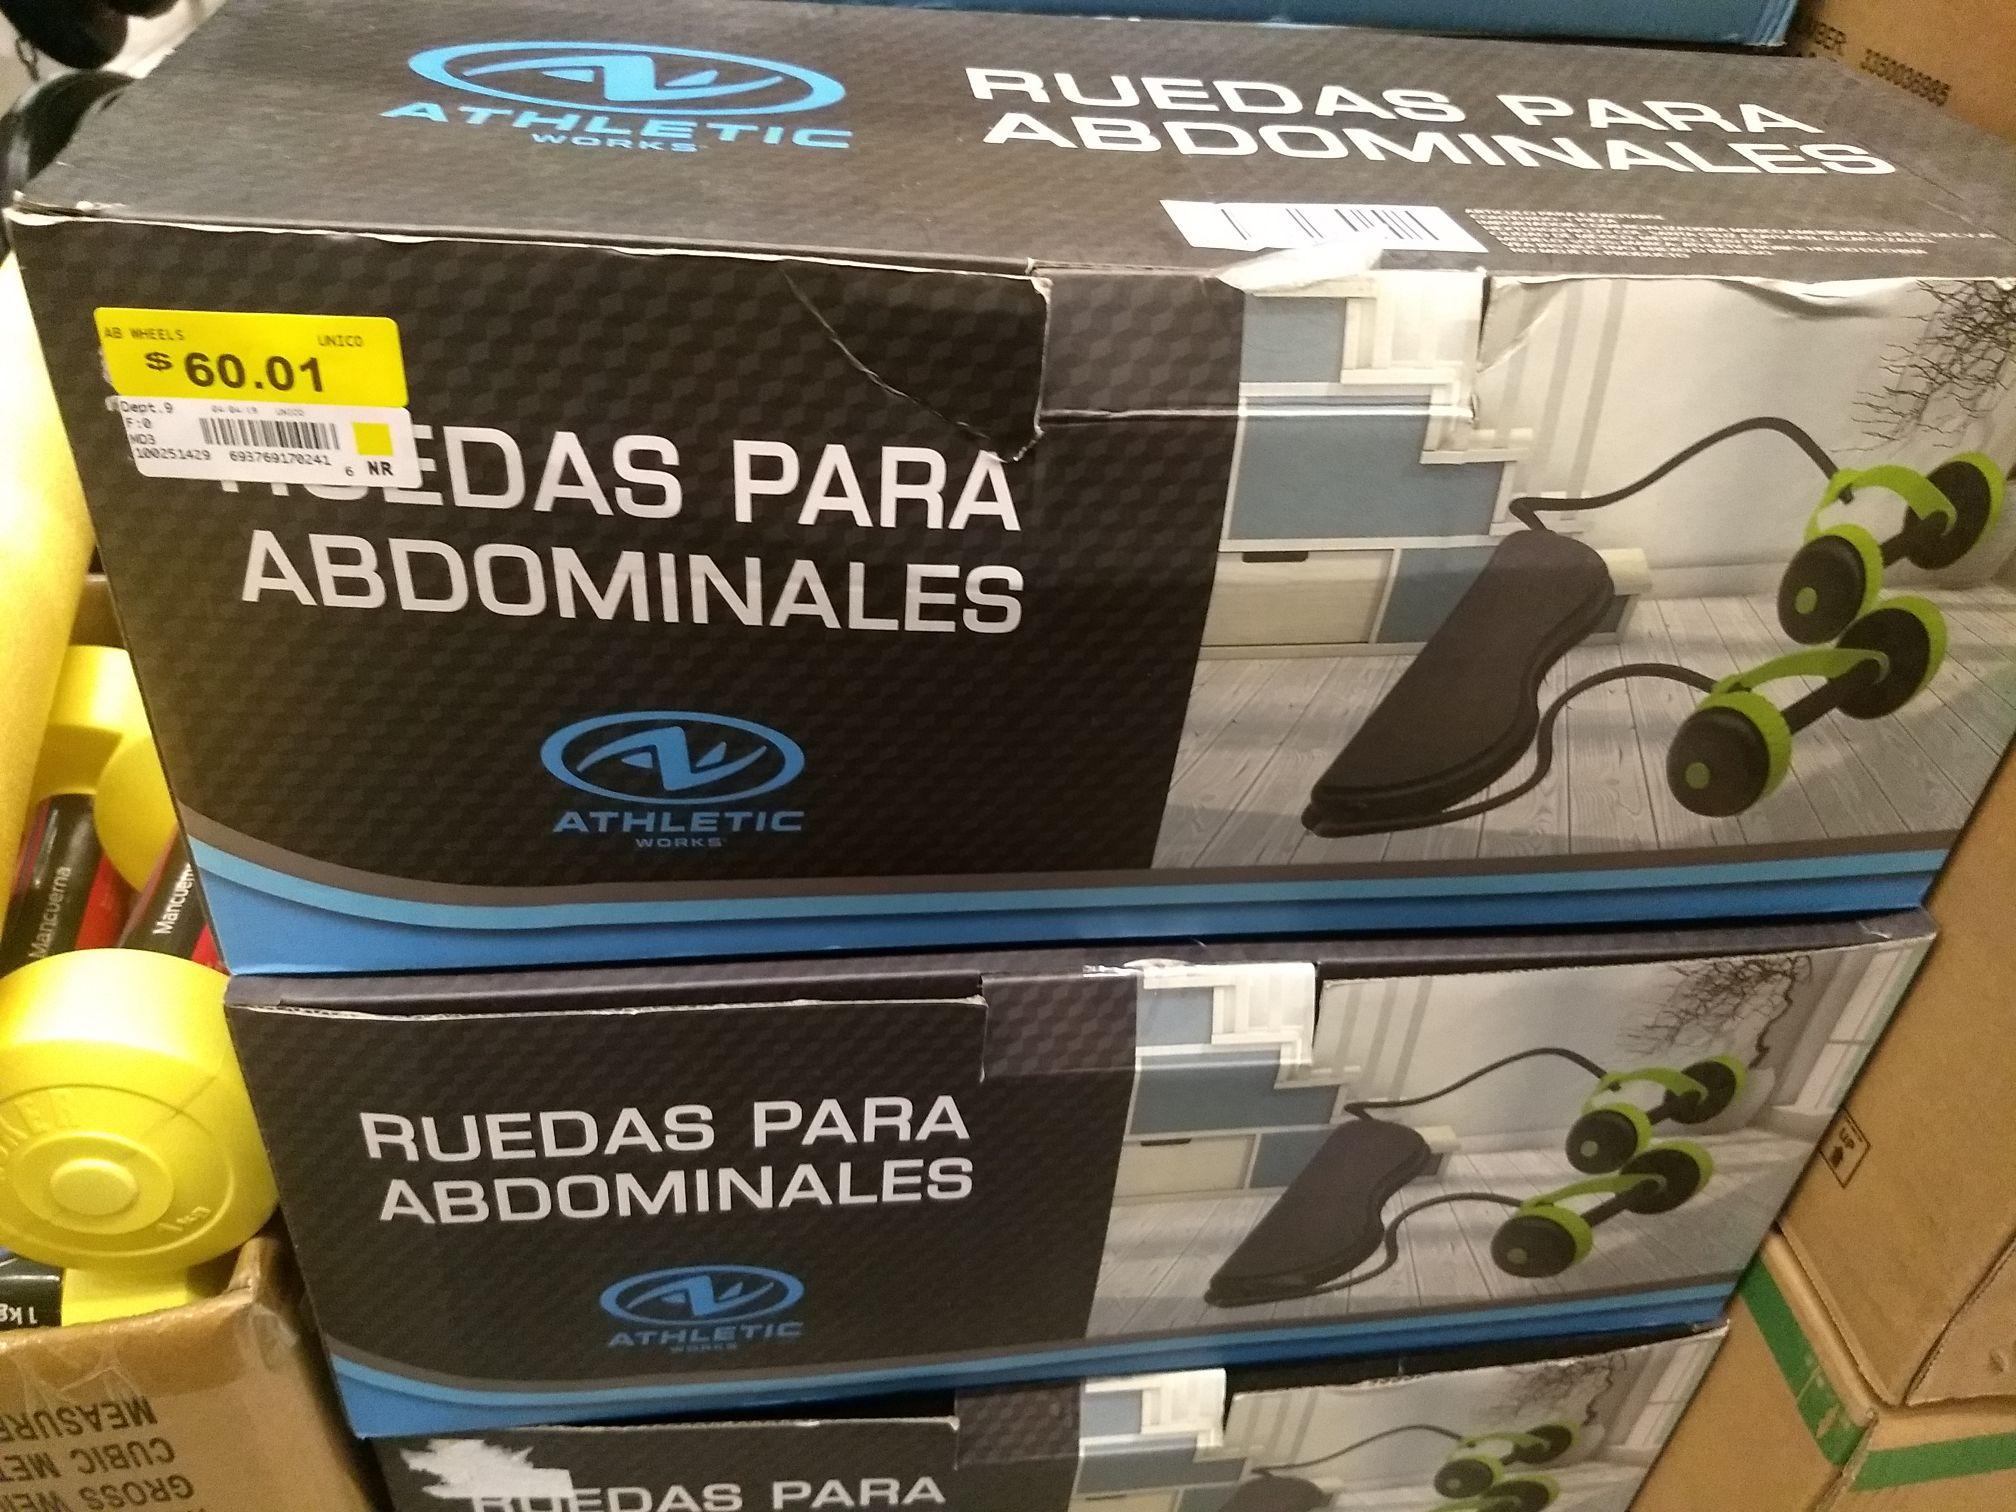 Bodega Aurrera: Ruedas para abdominales 60.01